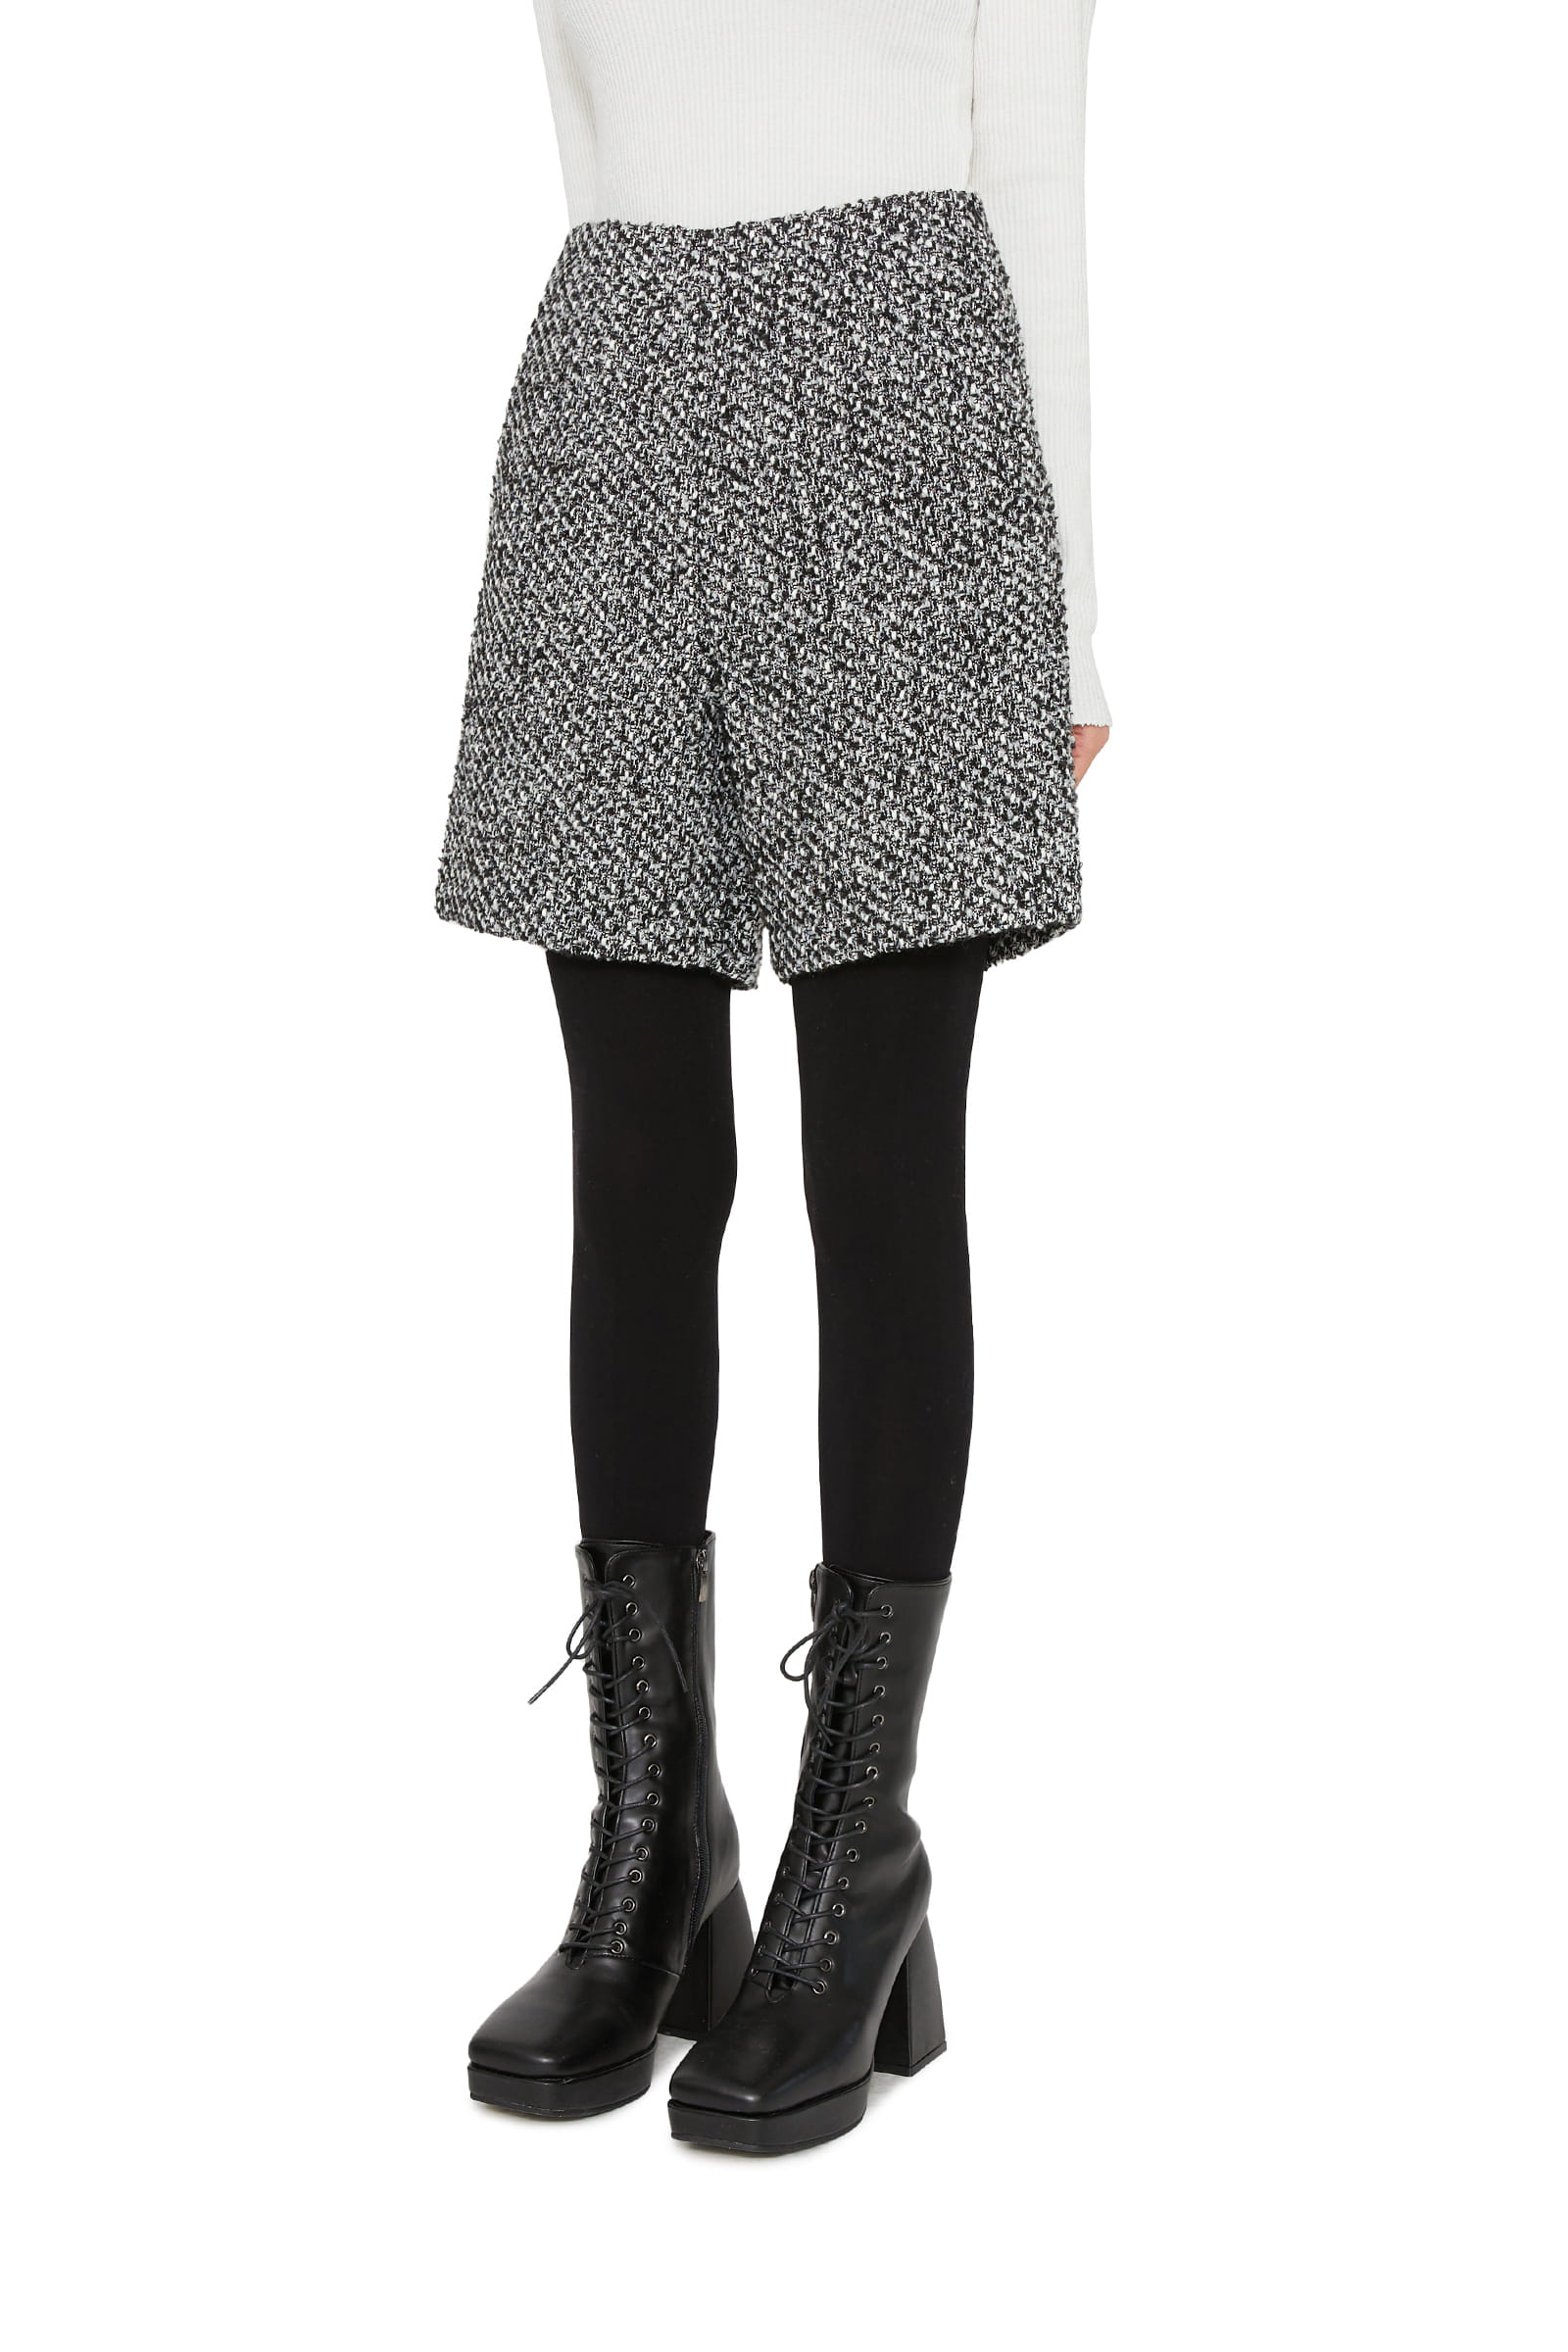 Ferris tweed mini shorts